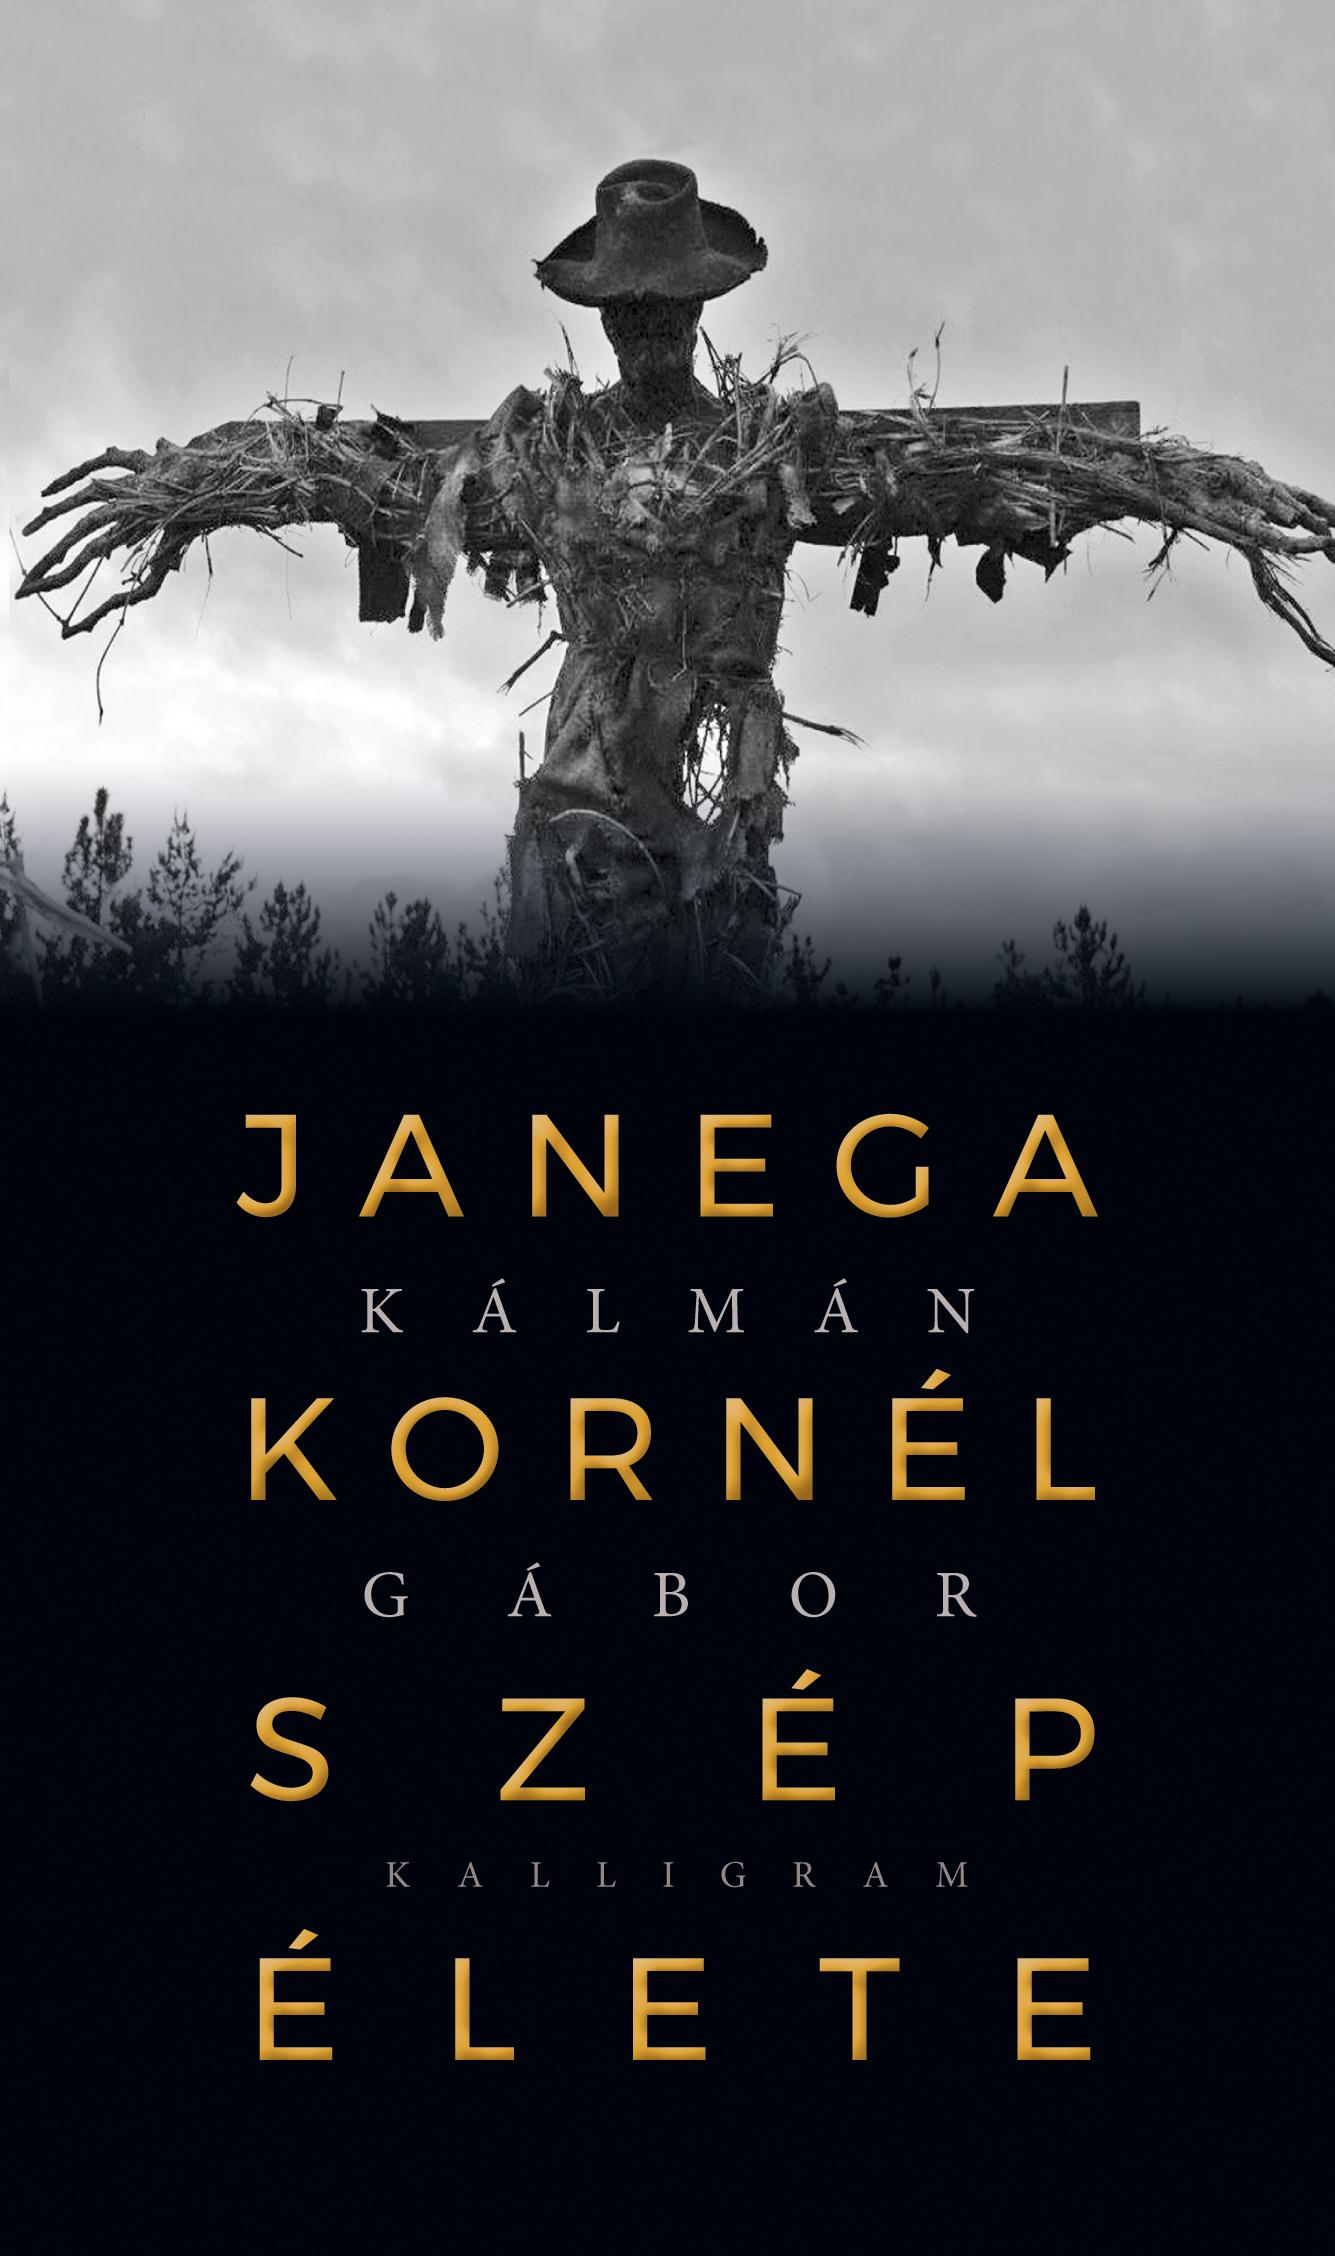 kalman-g_janega_kornel_cover.jpg